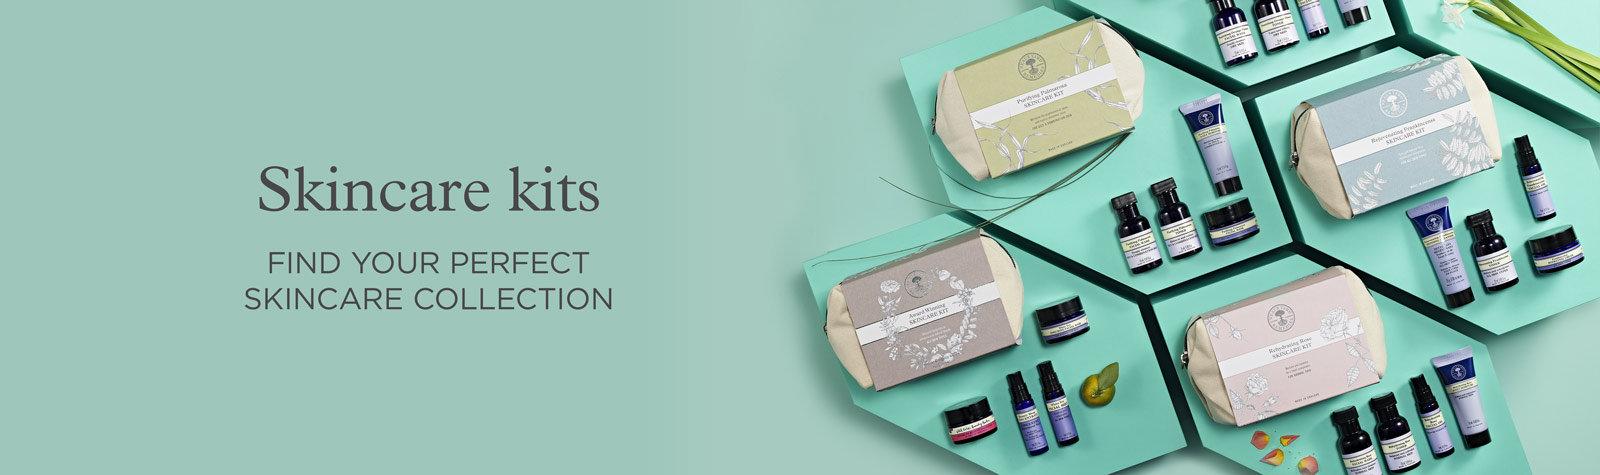 skincare-skincare-kits.jpg